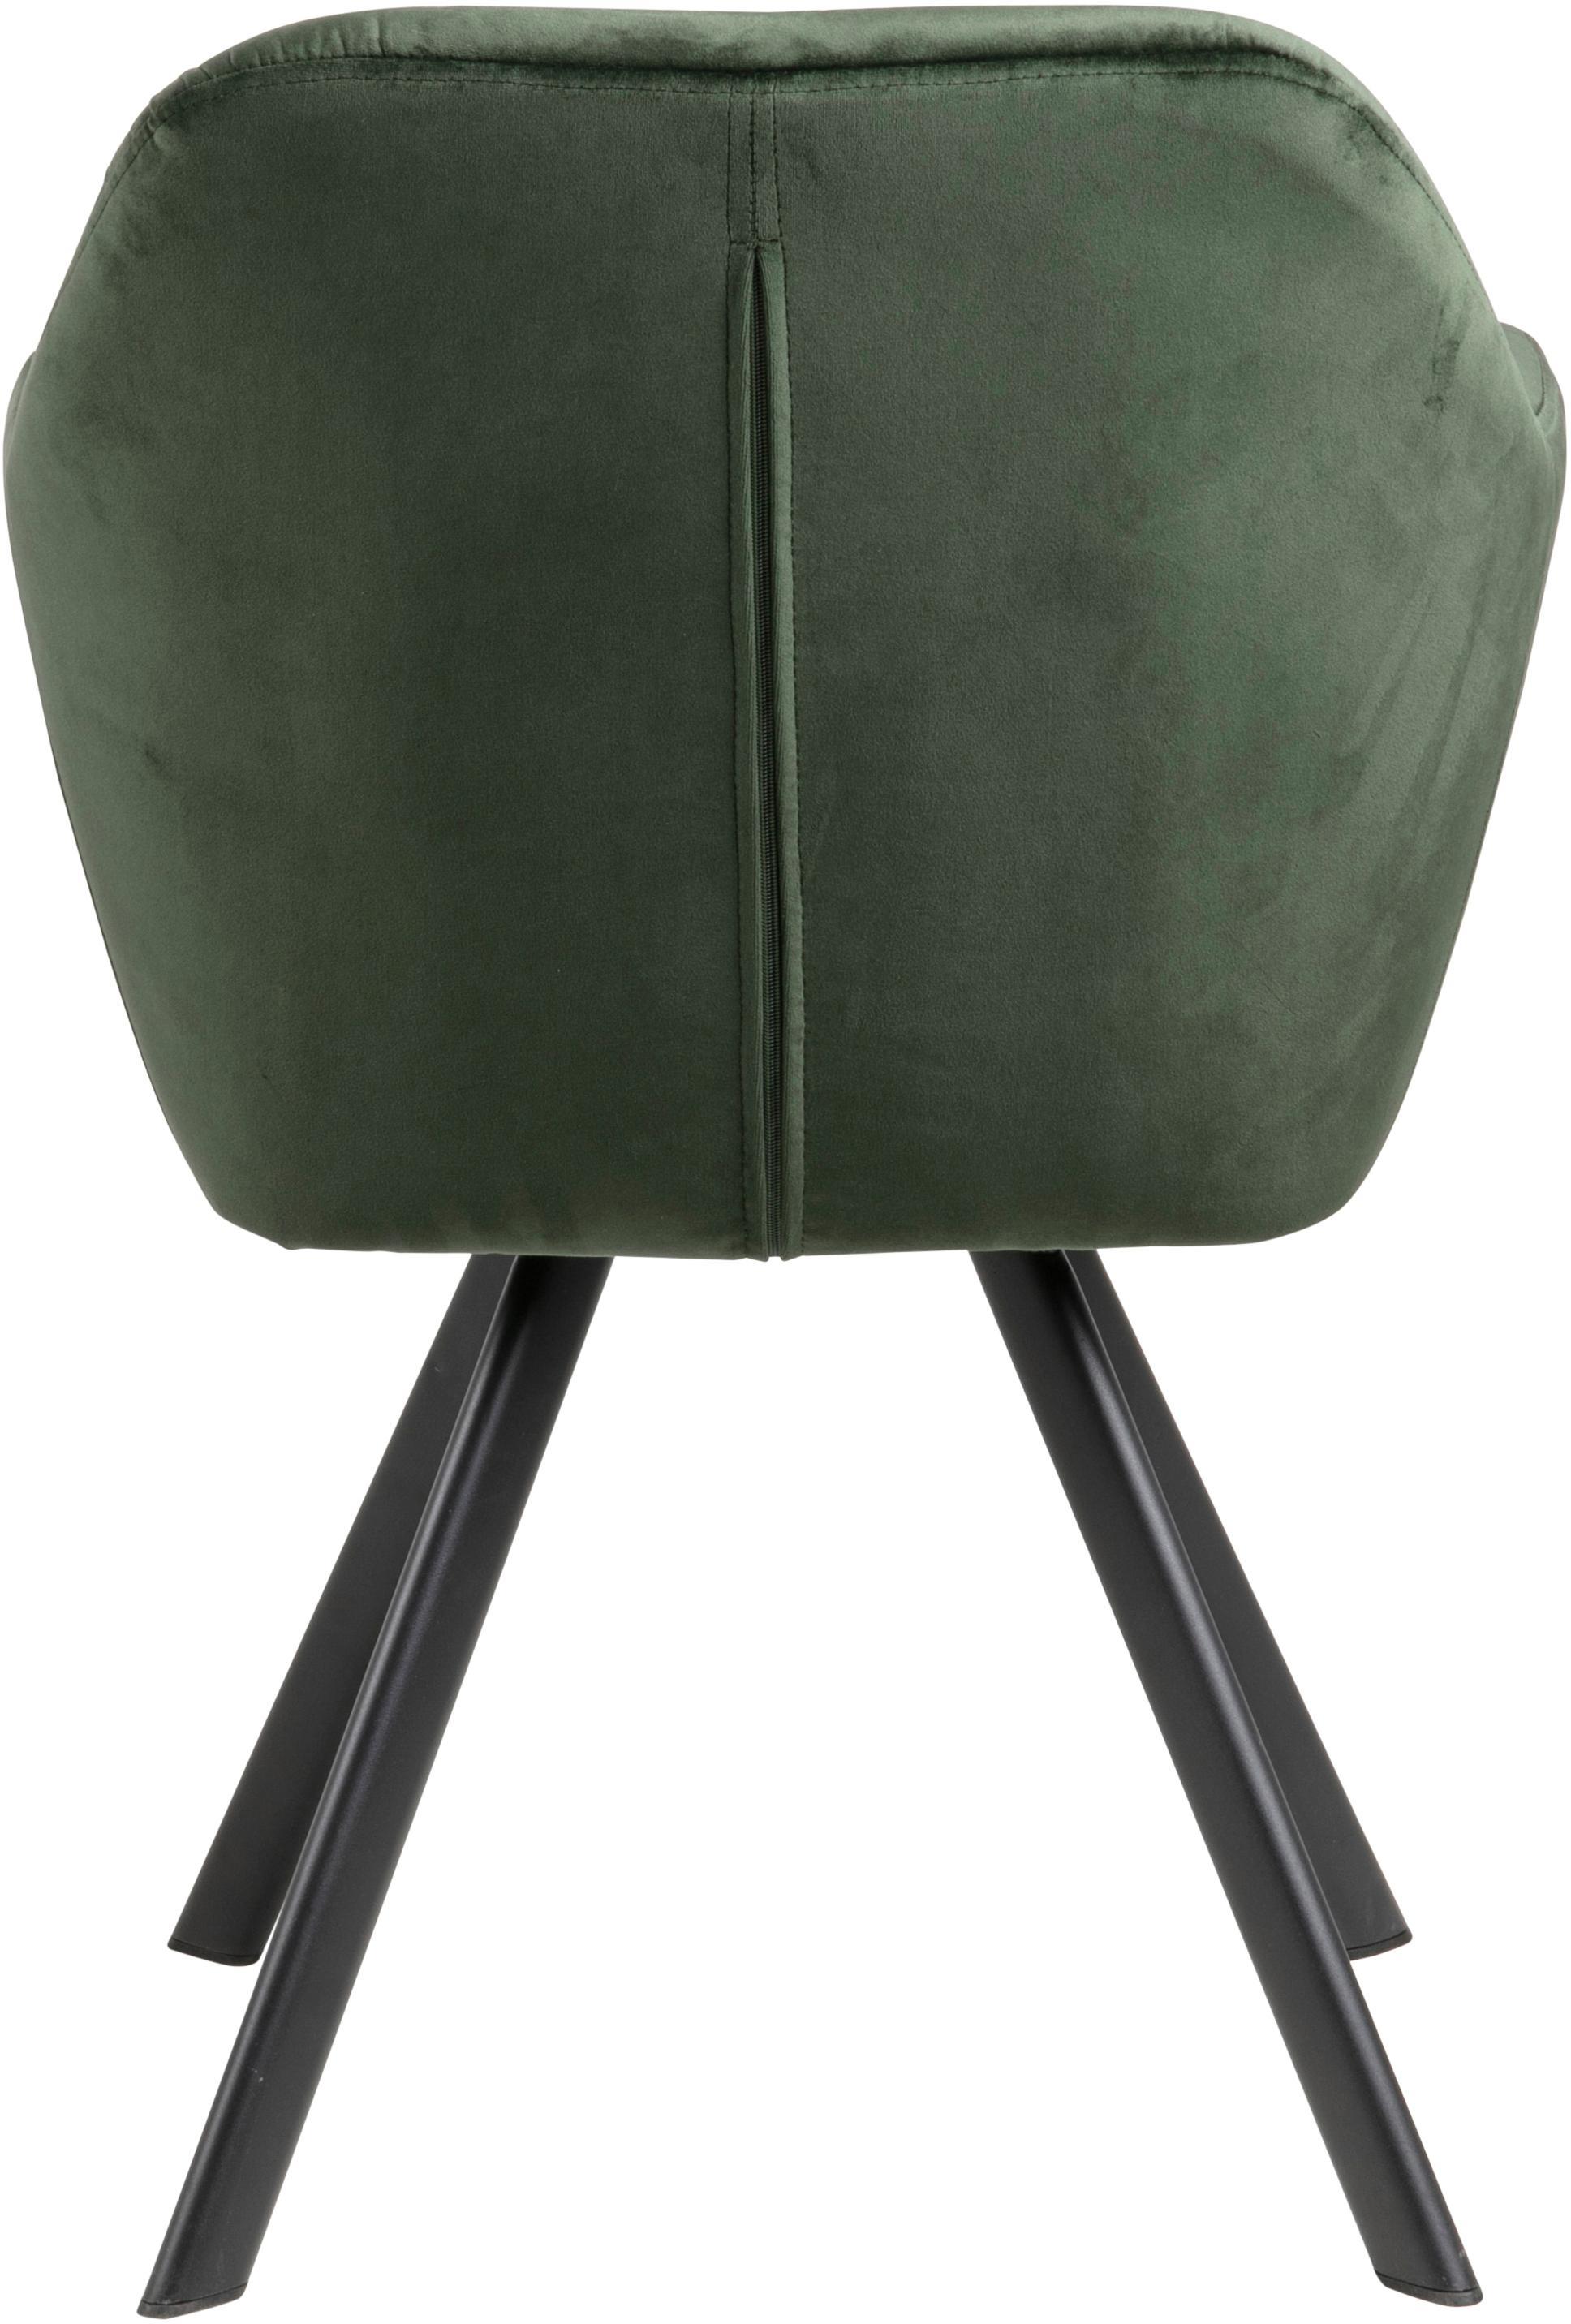 Drehbarer Samt-Armlehnstuhl Lucie, Bezug: Polyestersamt Der hochwer, Beine: Metall, pulverbeschichtet, Samt Waldgrün, B 58 x T 62 cm